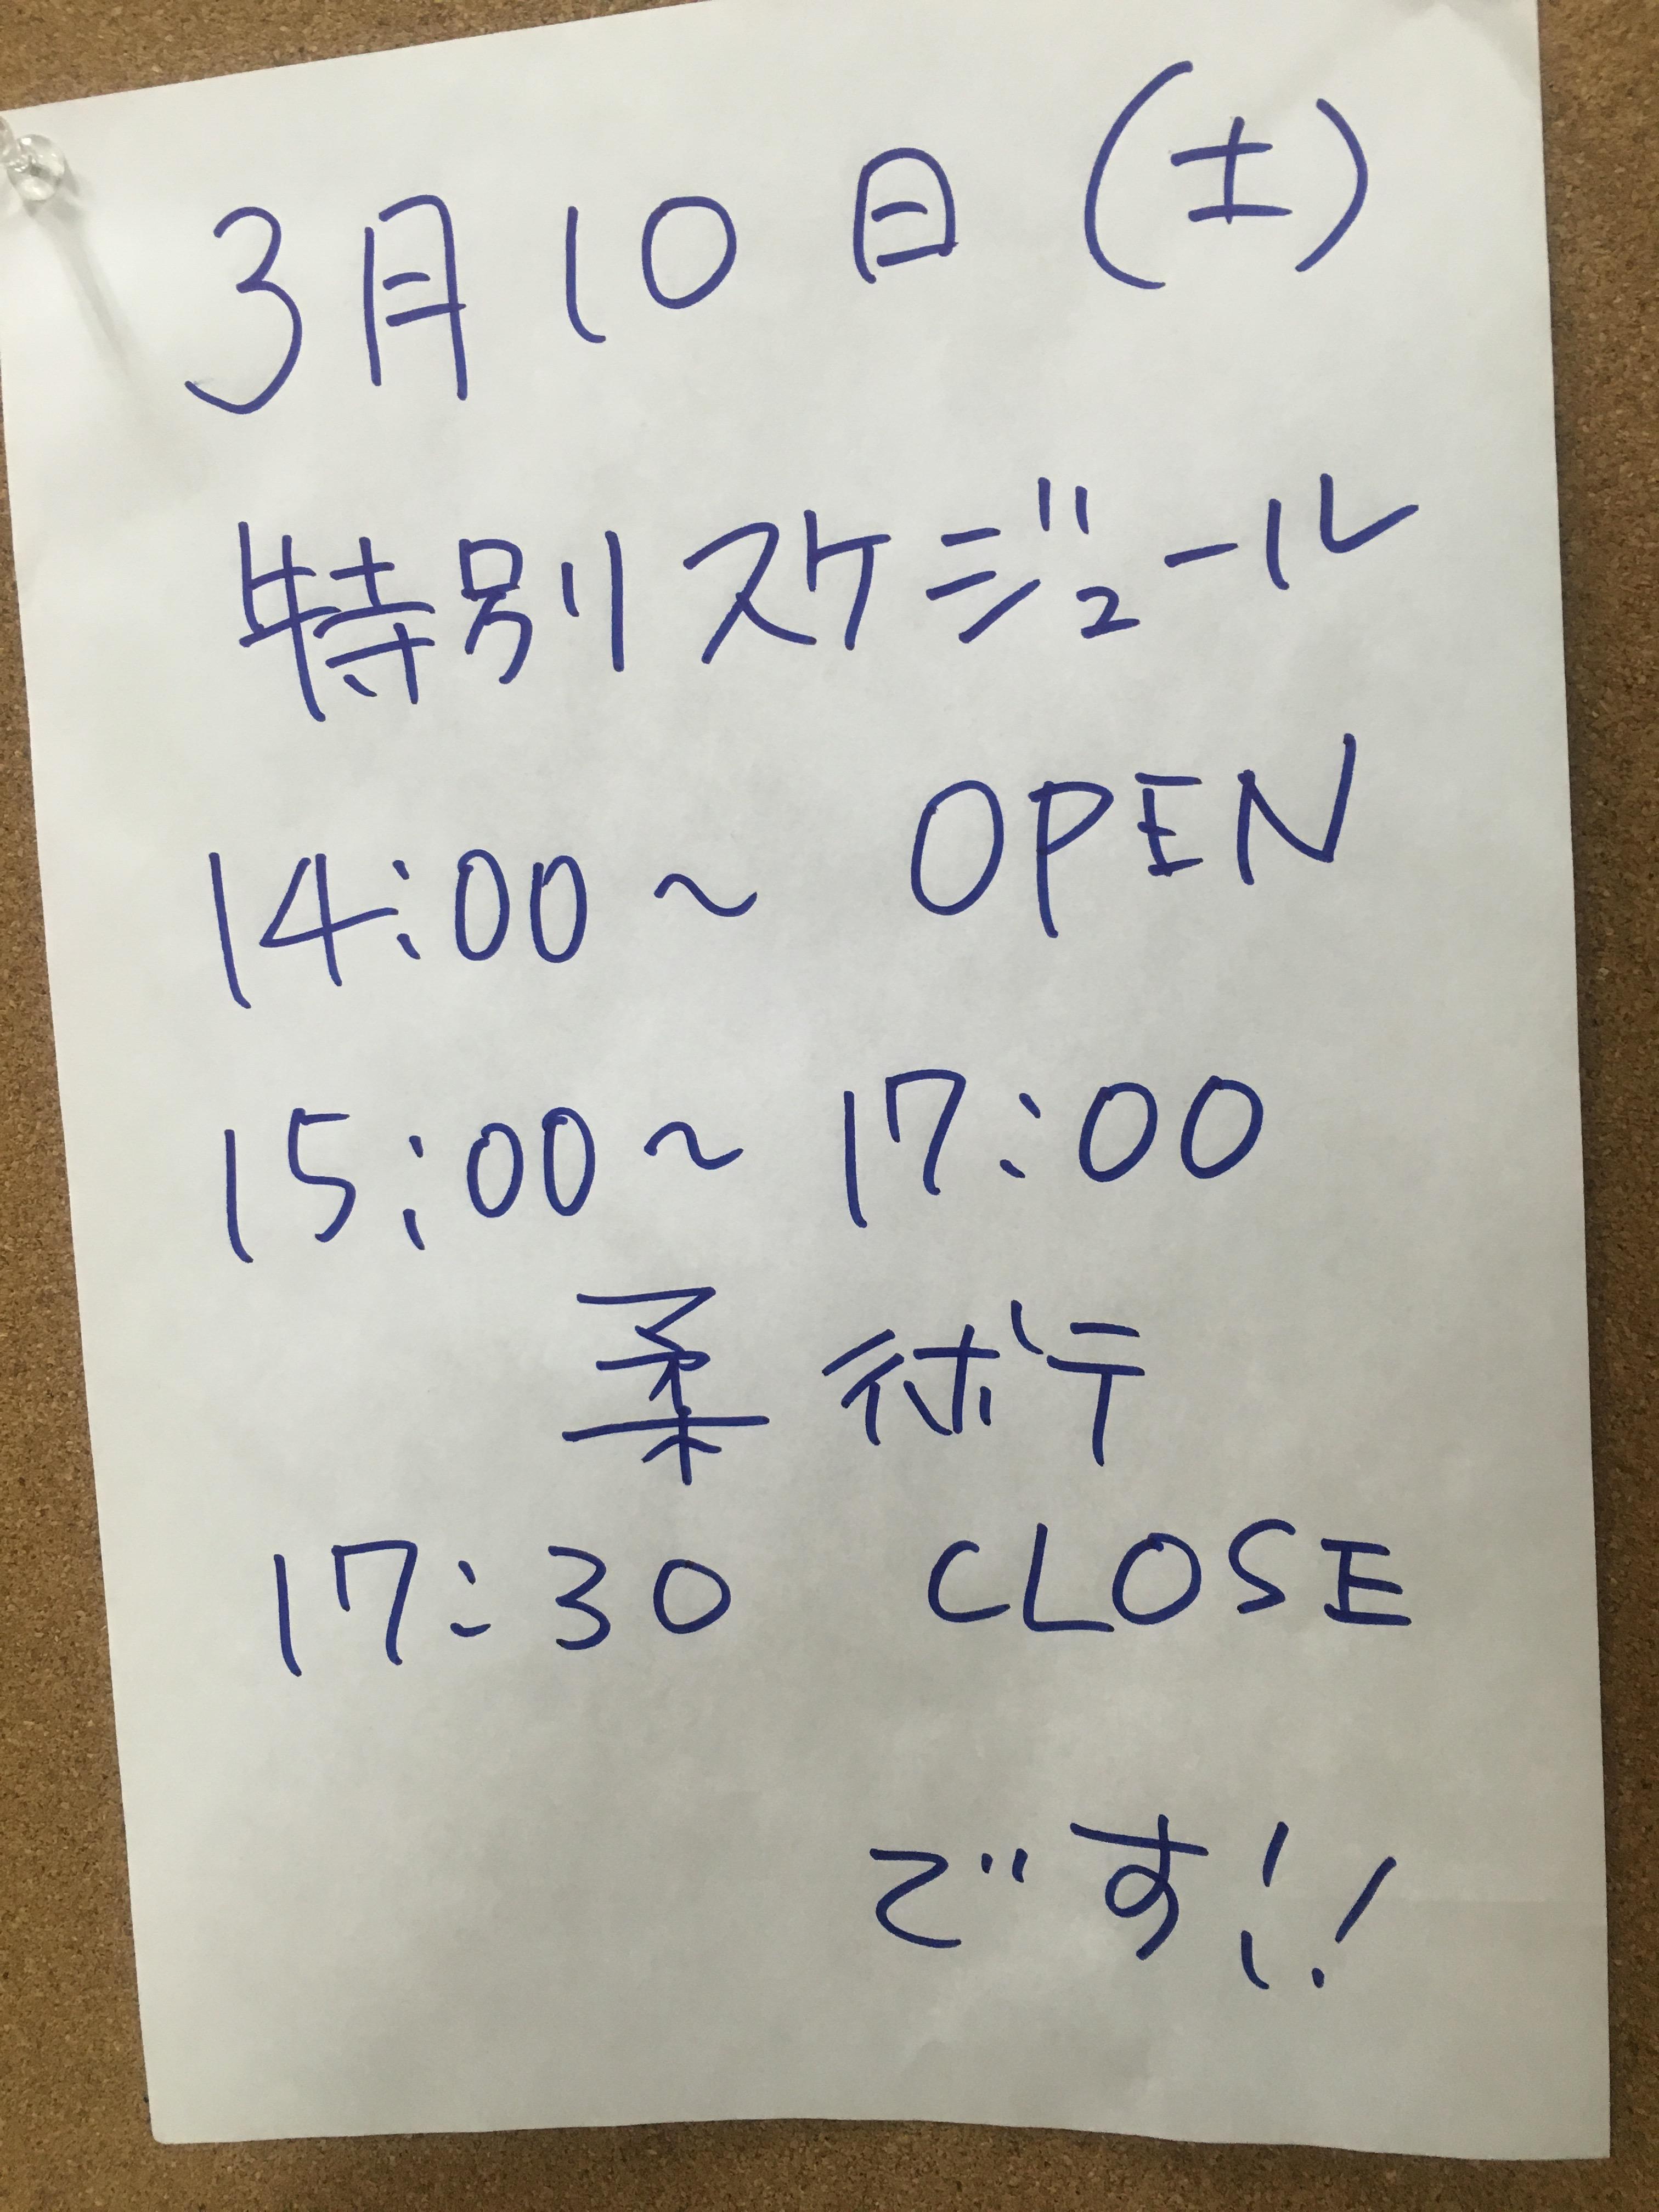 3/10土曜日特別スケジュール